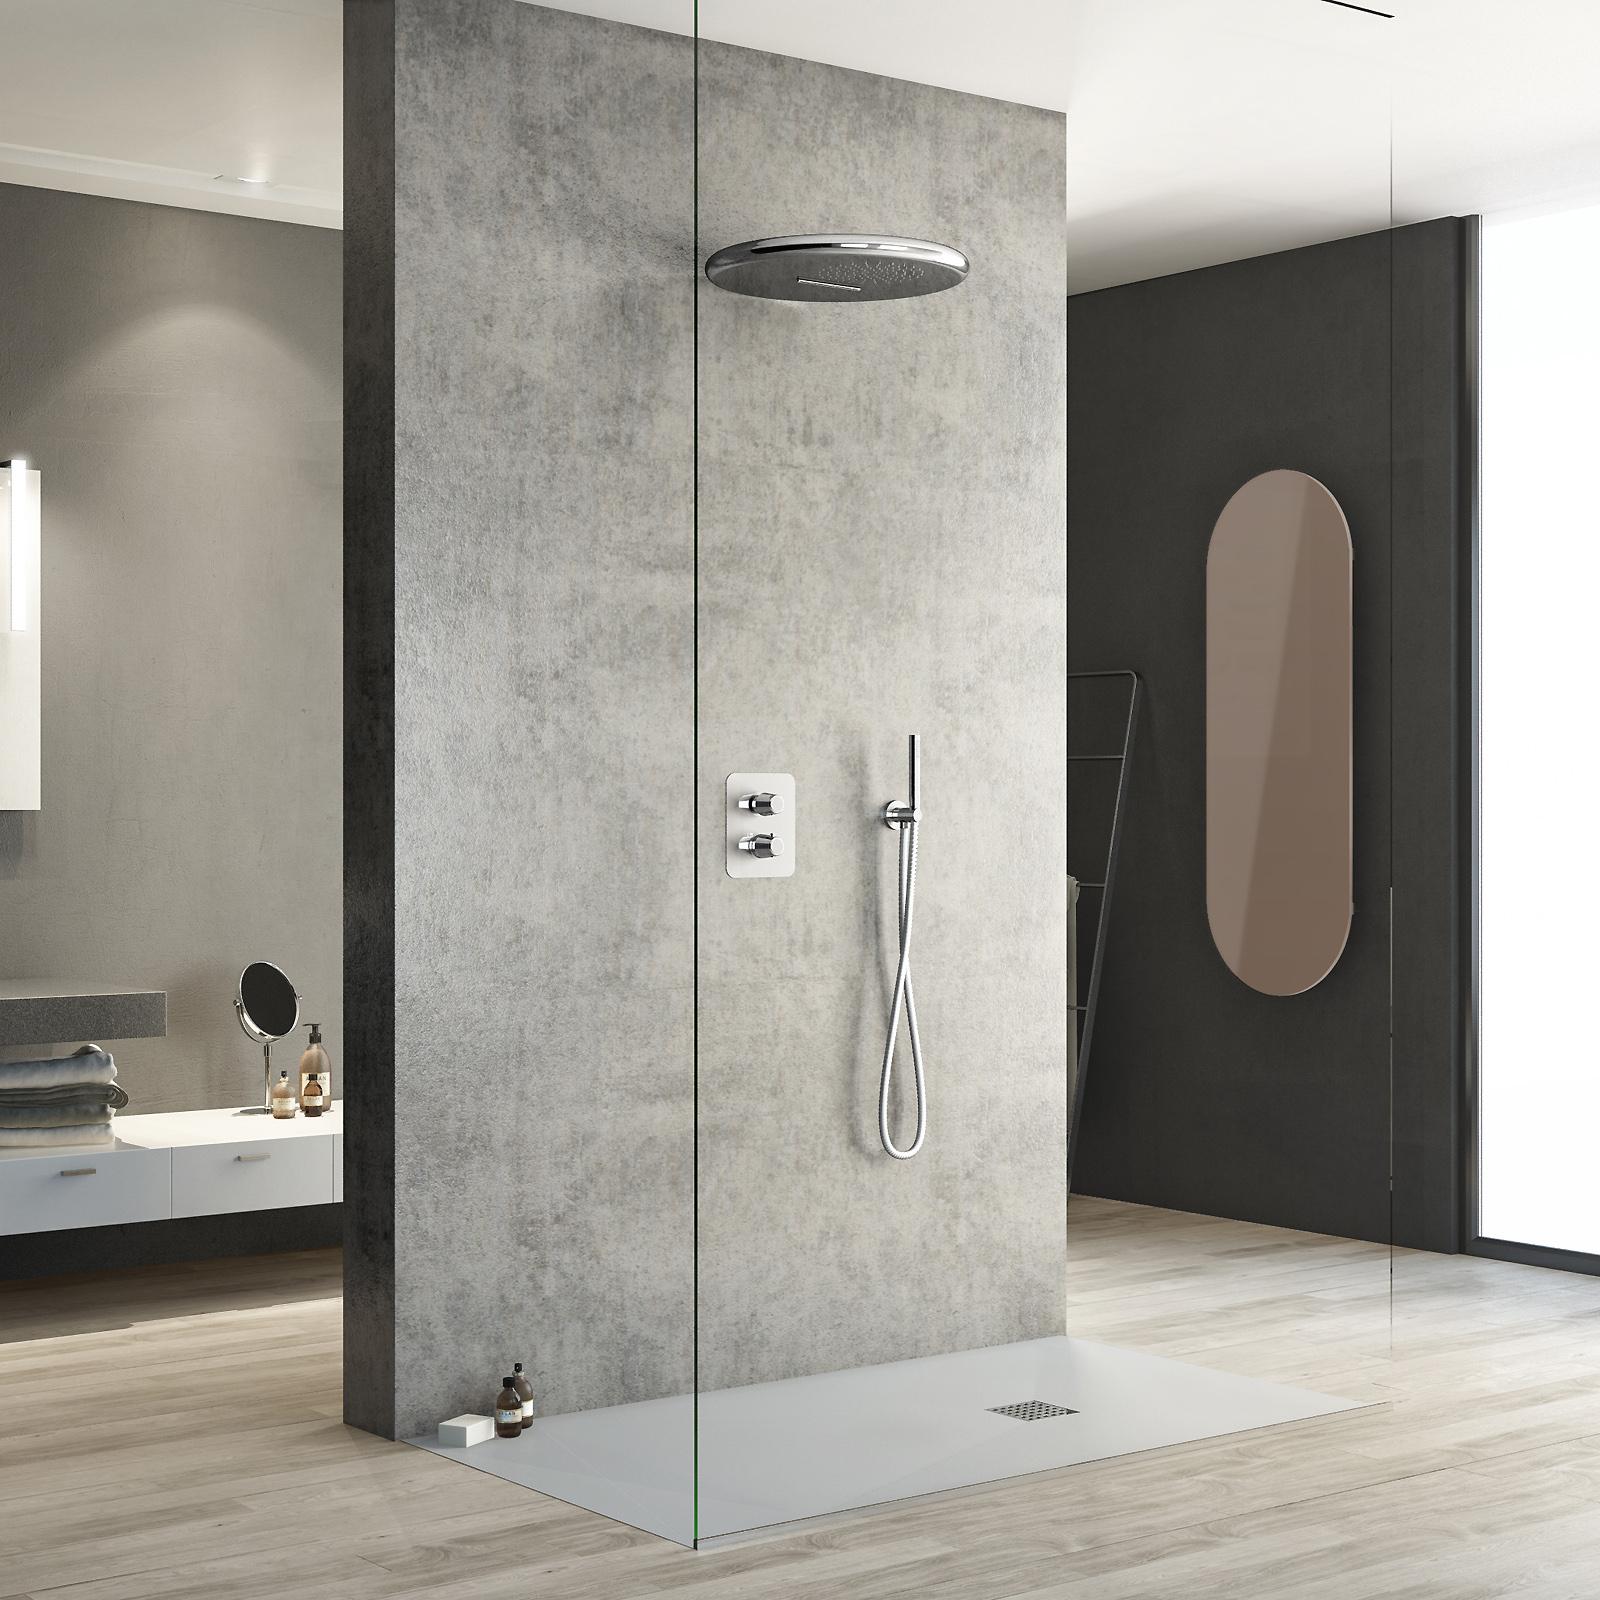 Piastrelle doccia mosaico doccia filo pavimento con - Mosaici per doccia ...